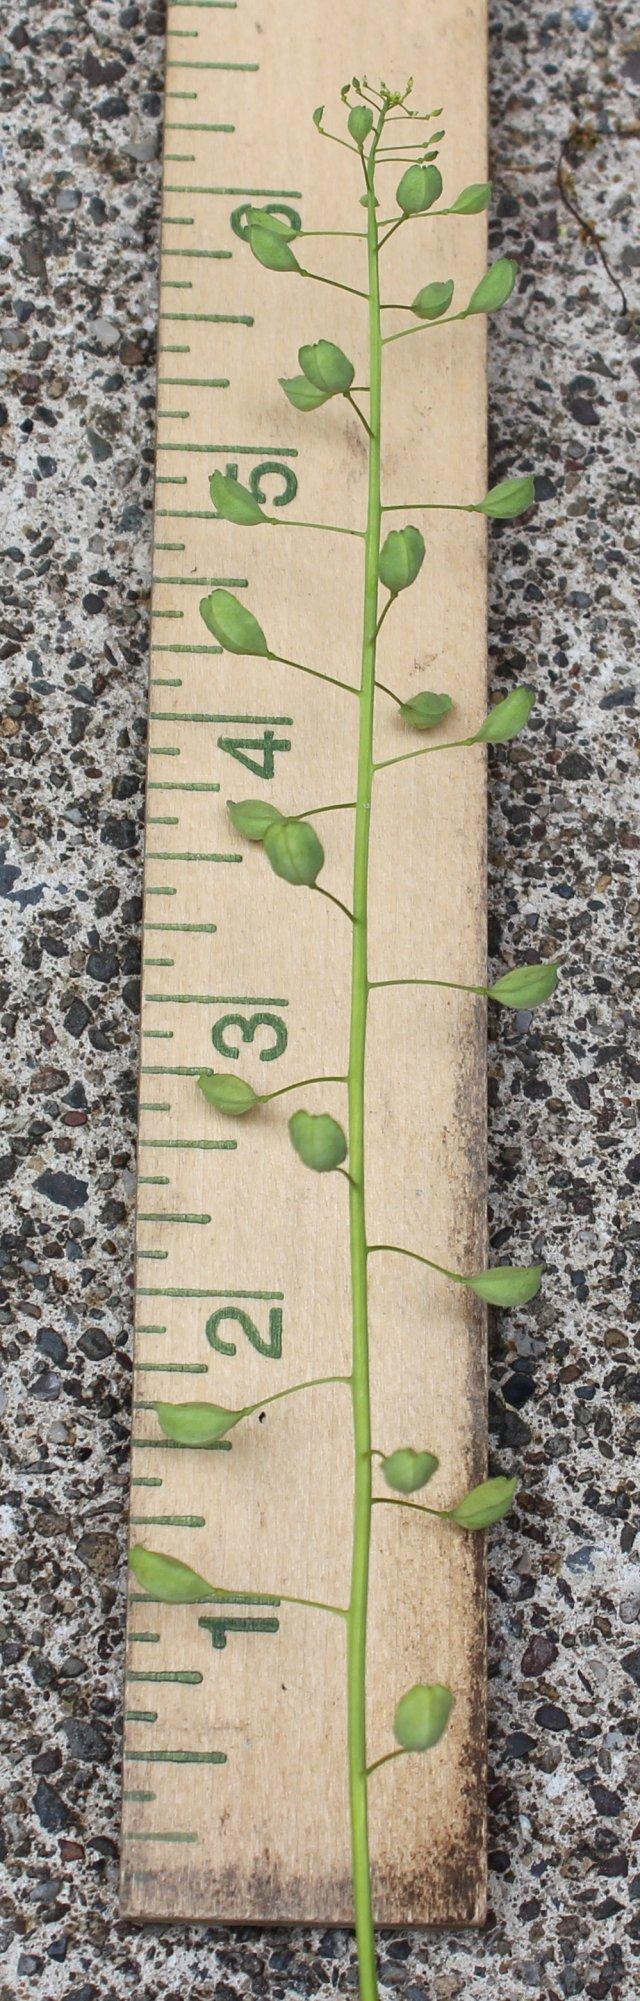 Seedpods of Field Peppergrass